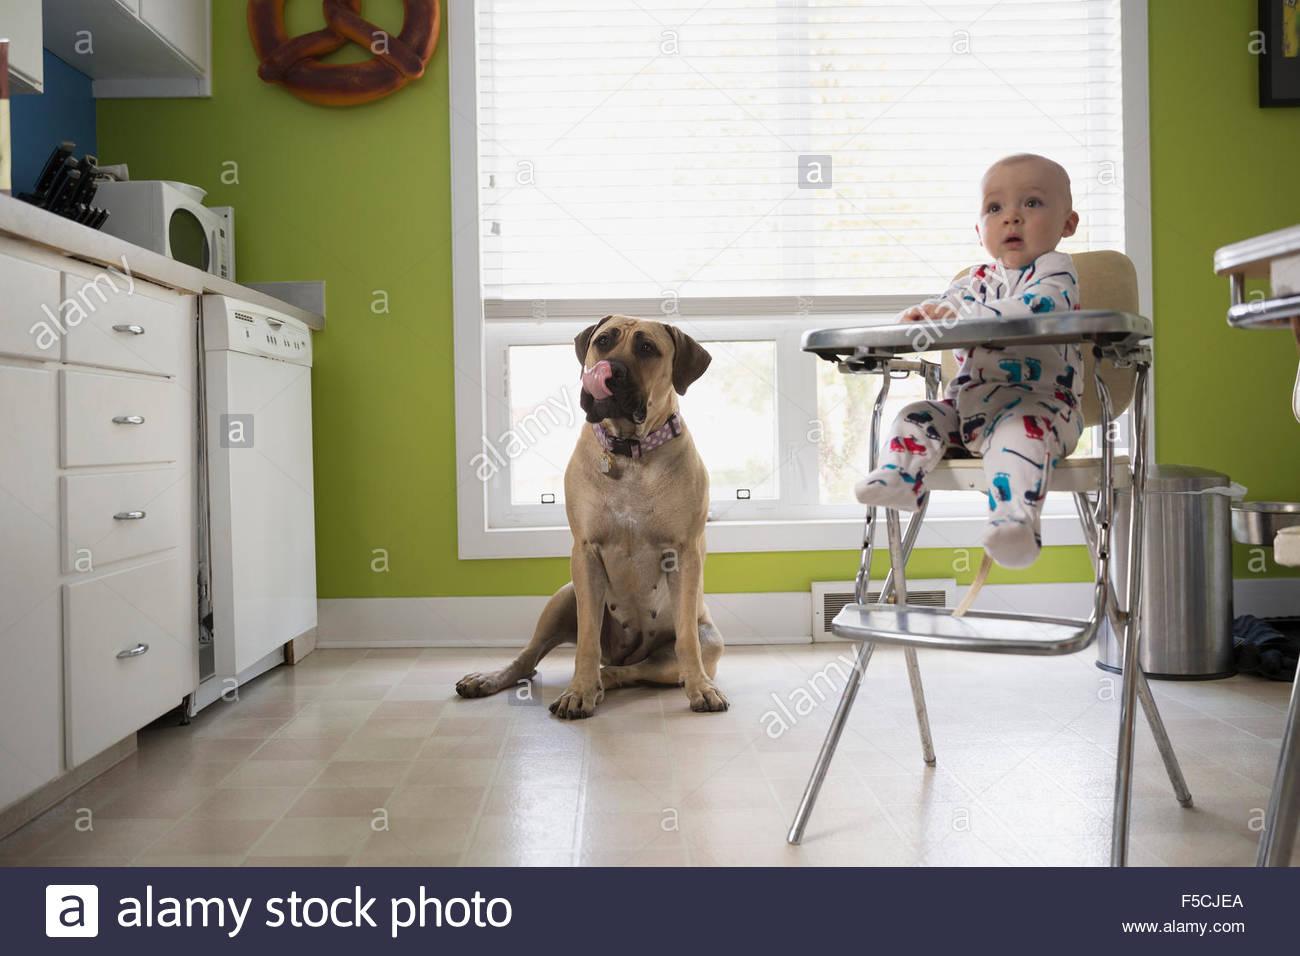 Curieux petit garçon et le chien dans la cuisine Photo Stock